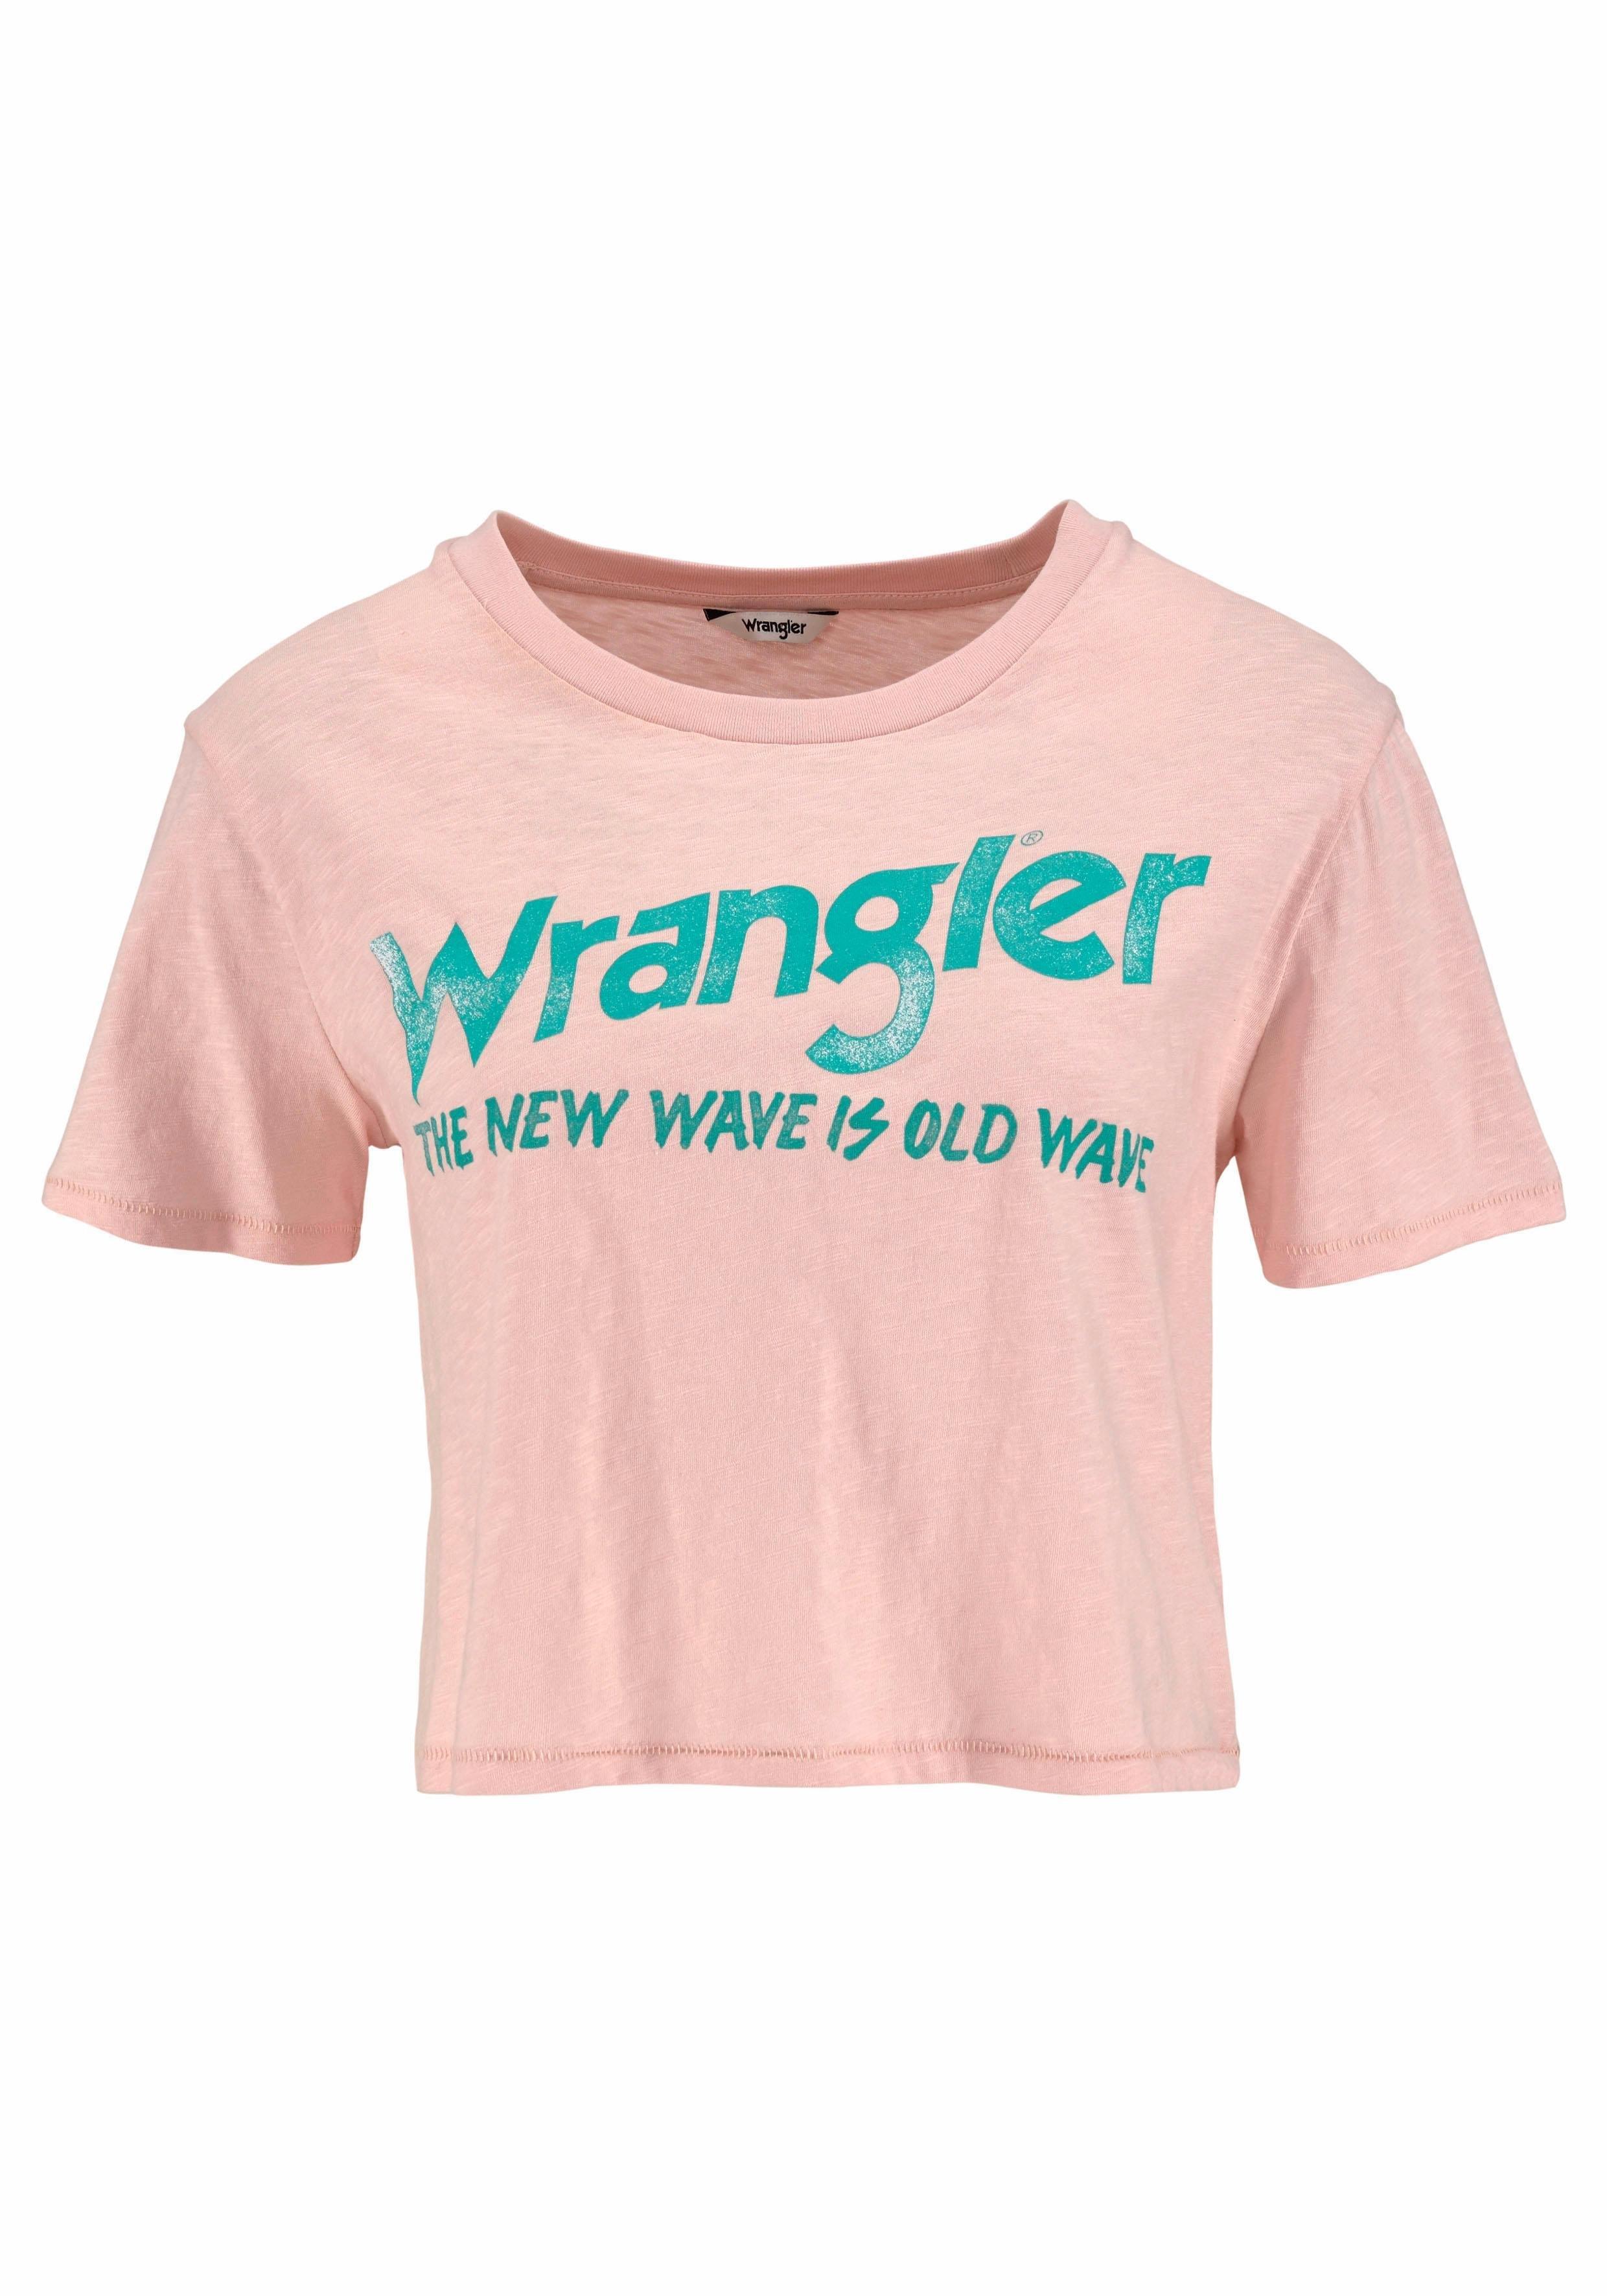 Tee T Online Wrangler Bestellen shirtcrop n0PXwk8O